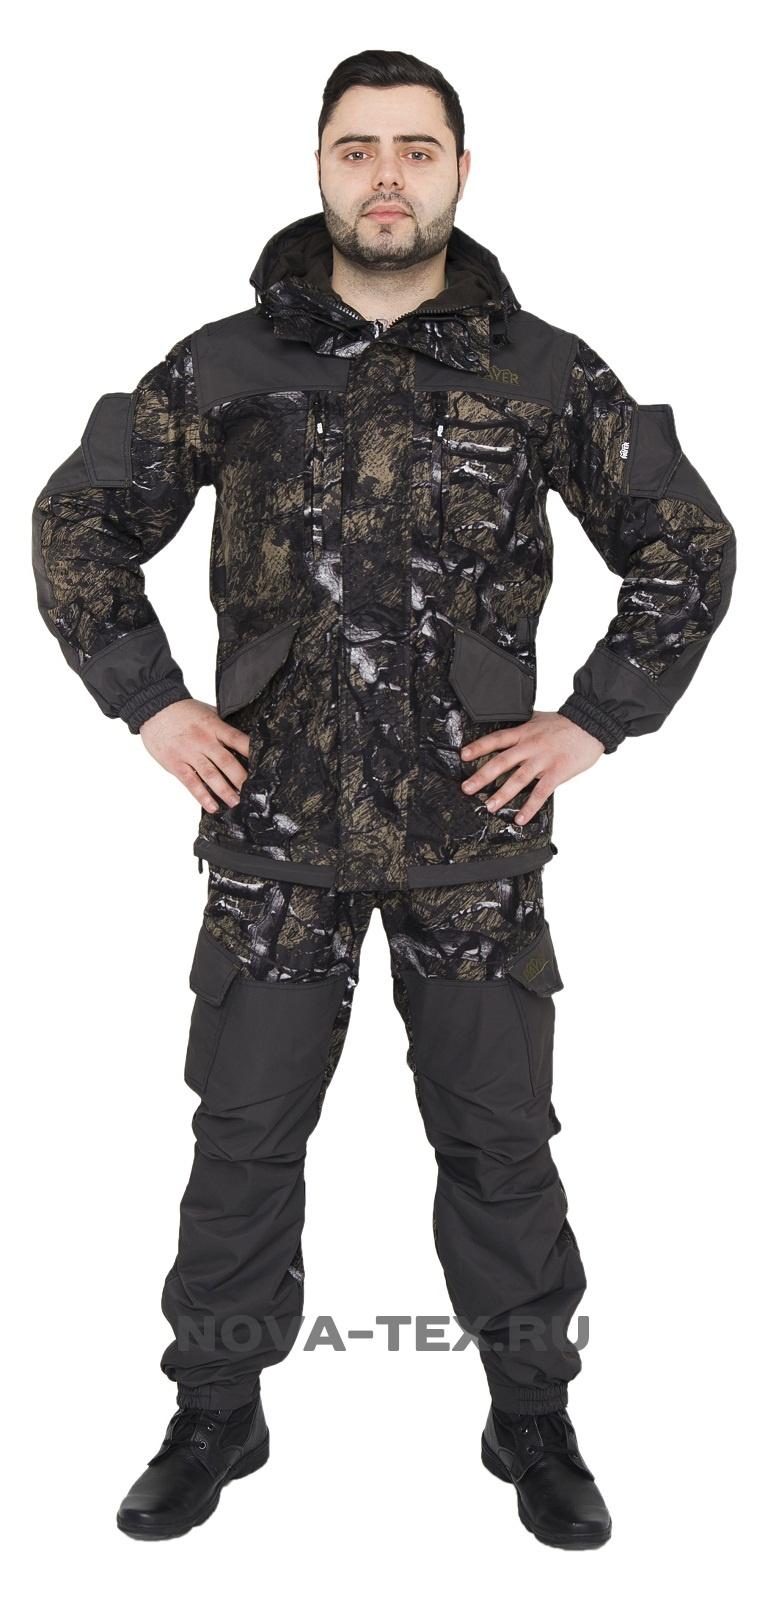 Костюм мужской Горка Осень-Алова (темная Костюмы утепленные<br>Костюм «Горка Осень» ( ТМ «Payer») - разработан <br>в компании Novatex на основе легендарного костюма <br>«Горка», используемого в спецподразделениях, <br>а также огромным числом любителей всевозможного <br>экстрима. Костюм «Горка Осень» состоит <br>из куртки и брюк на подтяжках. Отличается <br>специальным анатомическим кроем, характерным <br>для данной линии одежды. Он не стесняет <br>движений, дает свободу перемещения в условиях <br>пересеченной местности. Верхний слой изготовлен <br>из современной ткани «Дуплекс», обладающей <br>отличными ветрозащитными свойствами, подкладка <br>из мягкого гипоаллергенного флиса обеспечивает <br>комфорт и тепло. Места повышенного износа <br>имеют дополнительное усиление мембранной <br>тканью «кошачий глаз», которая не пропускает <br>влагу снаружи, отводит ее изнутри и обладает <br>повышенной износостойкостью. Рекомендован <br>для военных, охотников, рыбаков, туристов, <br>любителей военно-спортивных игр, представителей <br>силовых структур. Особенности модели: -ветрозащитная <br>ткань -двойная ветрозащитная планка -анатомический <br>крой -двухзамк<br><br>Пол: мужской<br>Размер: 44-46<br>Рост: 170-176<br>Сезон: демисезонный<br>Цвет: коричневый<br>Материал: мембрана